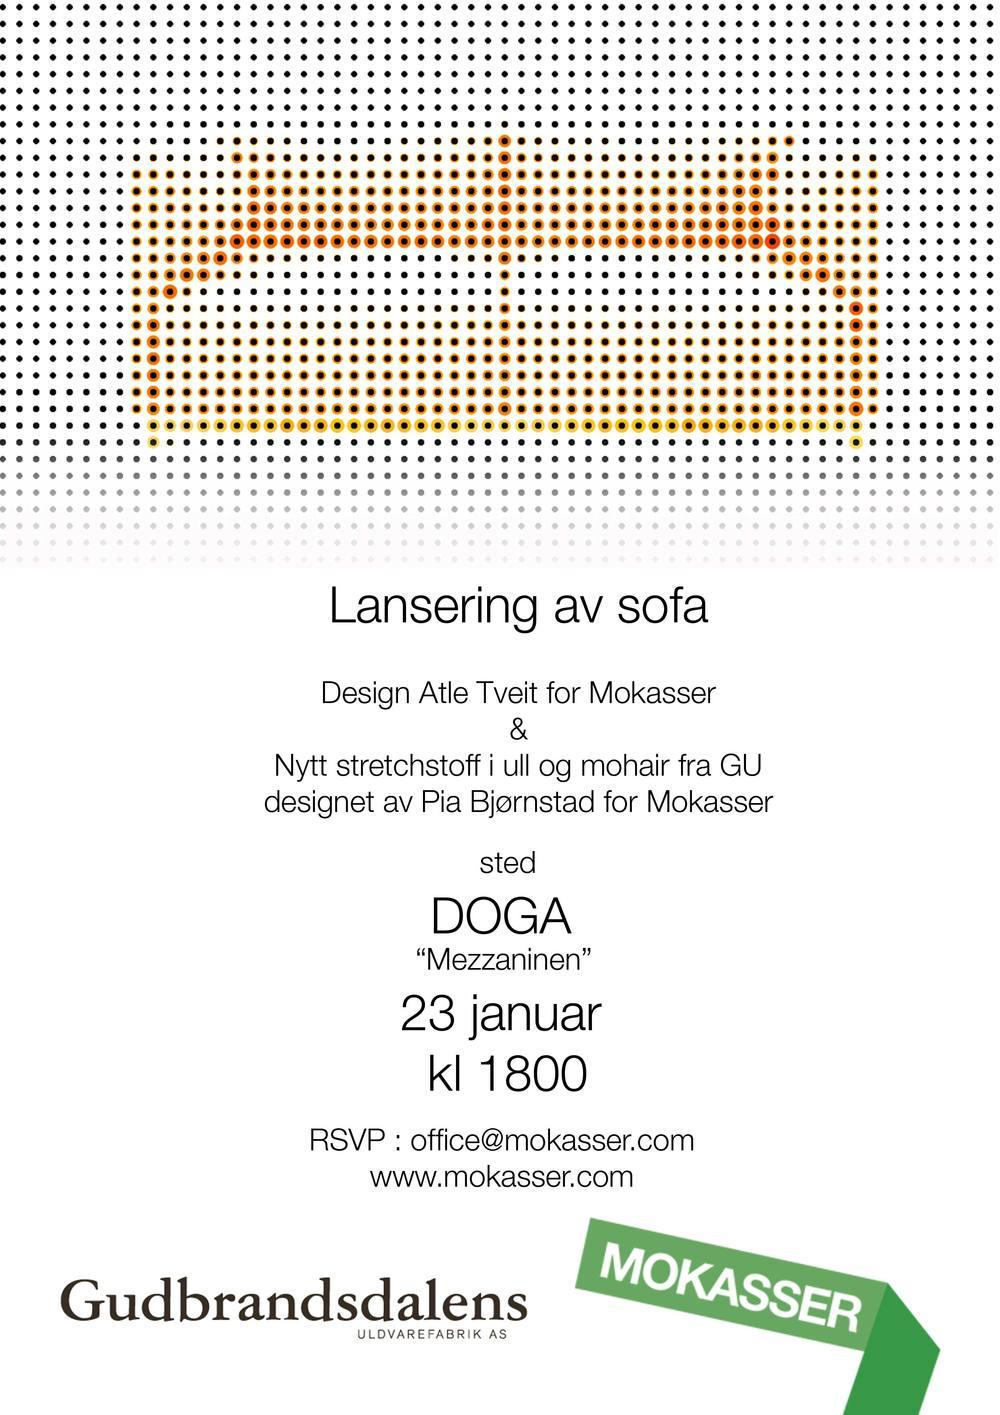 Lansering av sofa på DogA